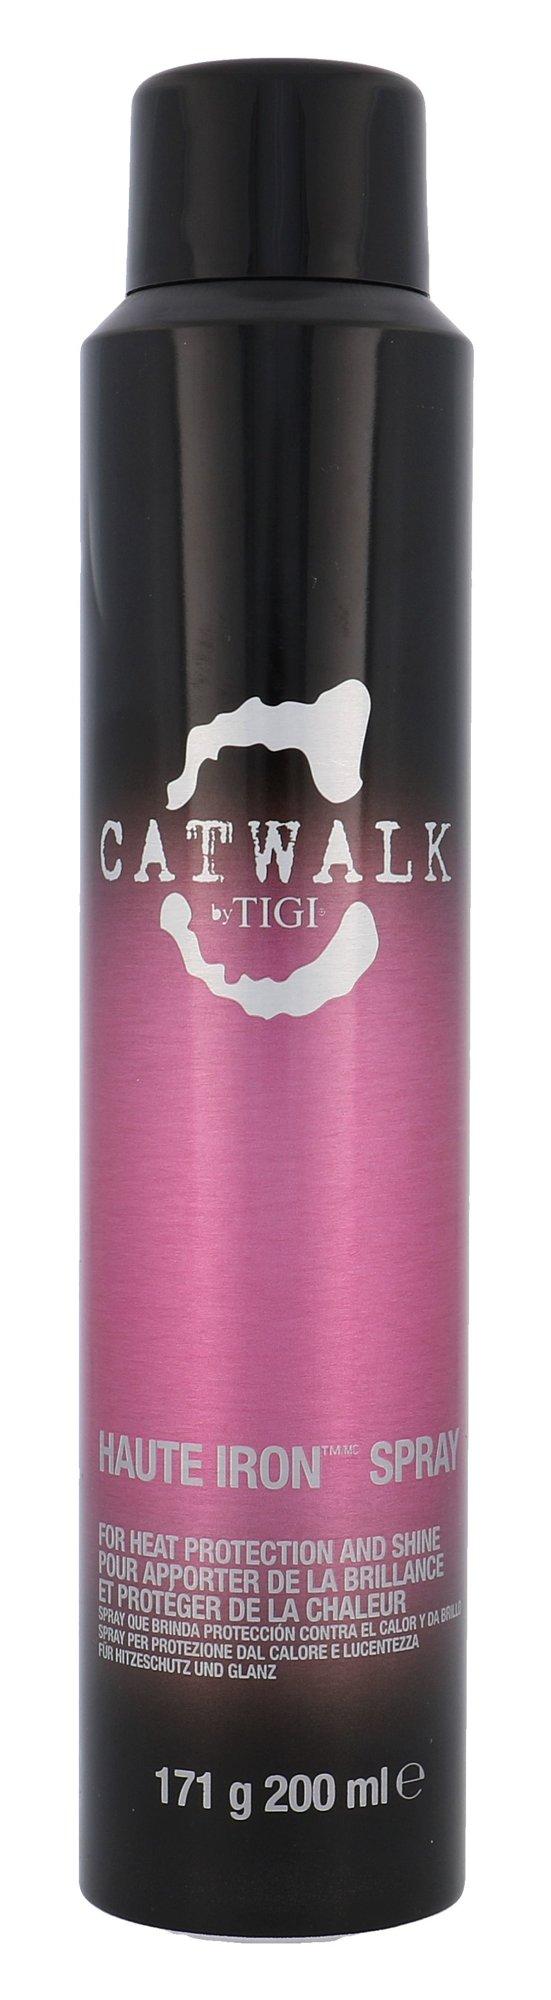 Plaukų formavimo priemonė Tigi Catwalk Haute Iron Spray